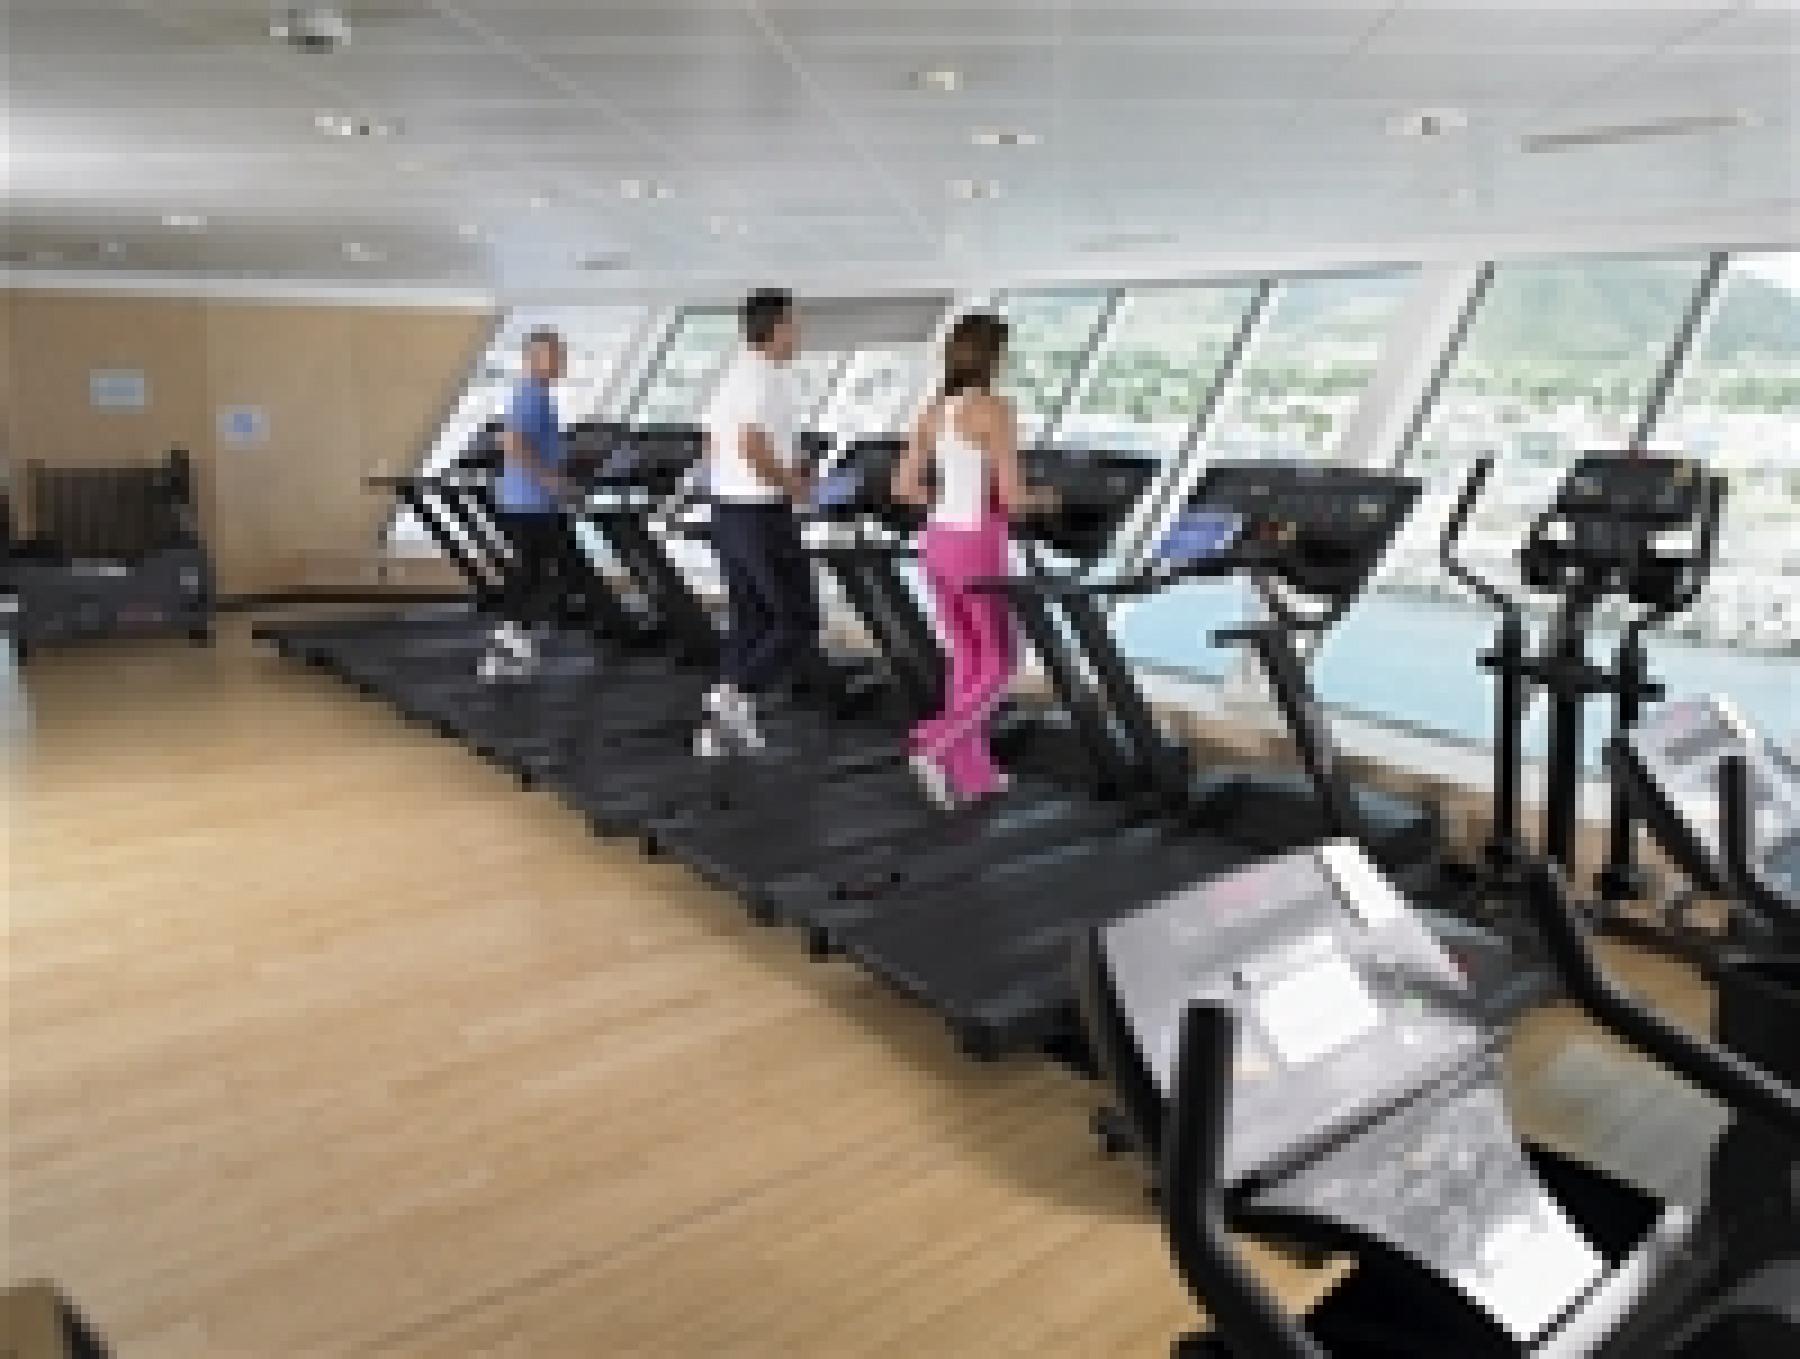 fred olsen cruise lines balmoral fitness centre 2014.jpg